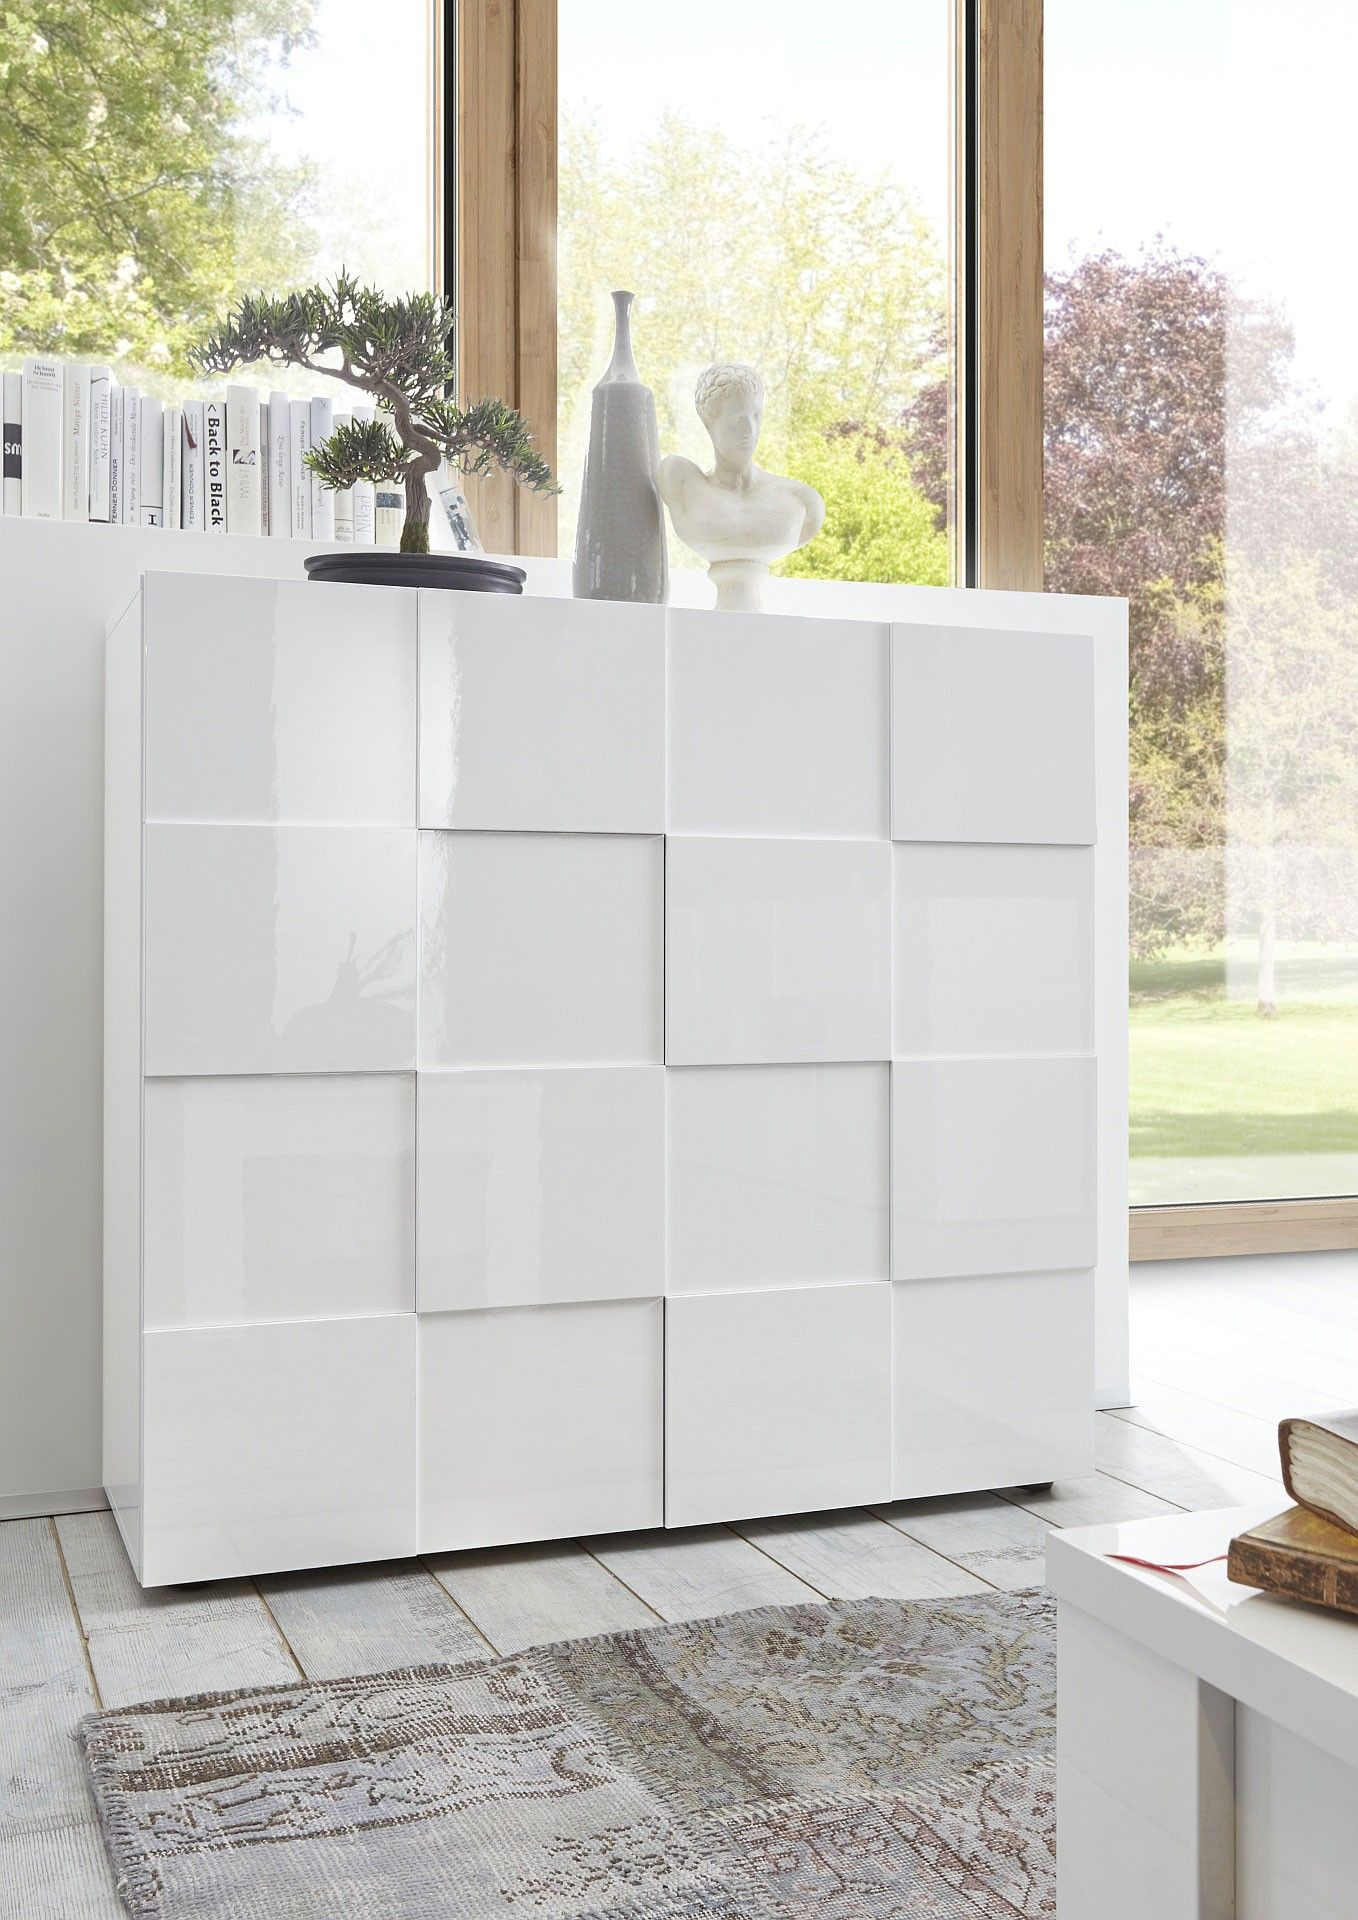 Vaisselier Argentier 2 Portes Design Laqu Blanc Brillant Milenor  # Vaisselier D'Angle Moderne En Palissandre